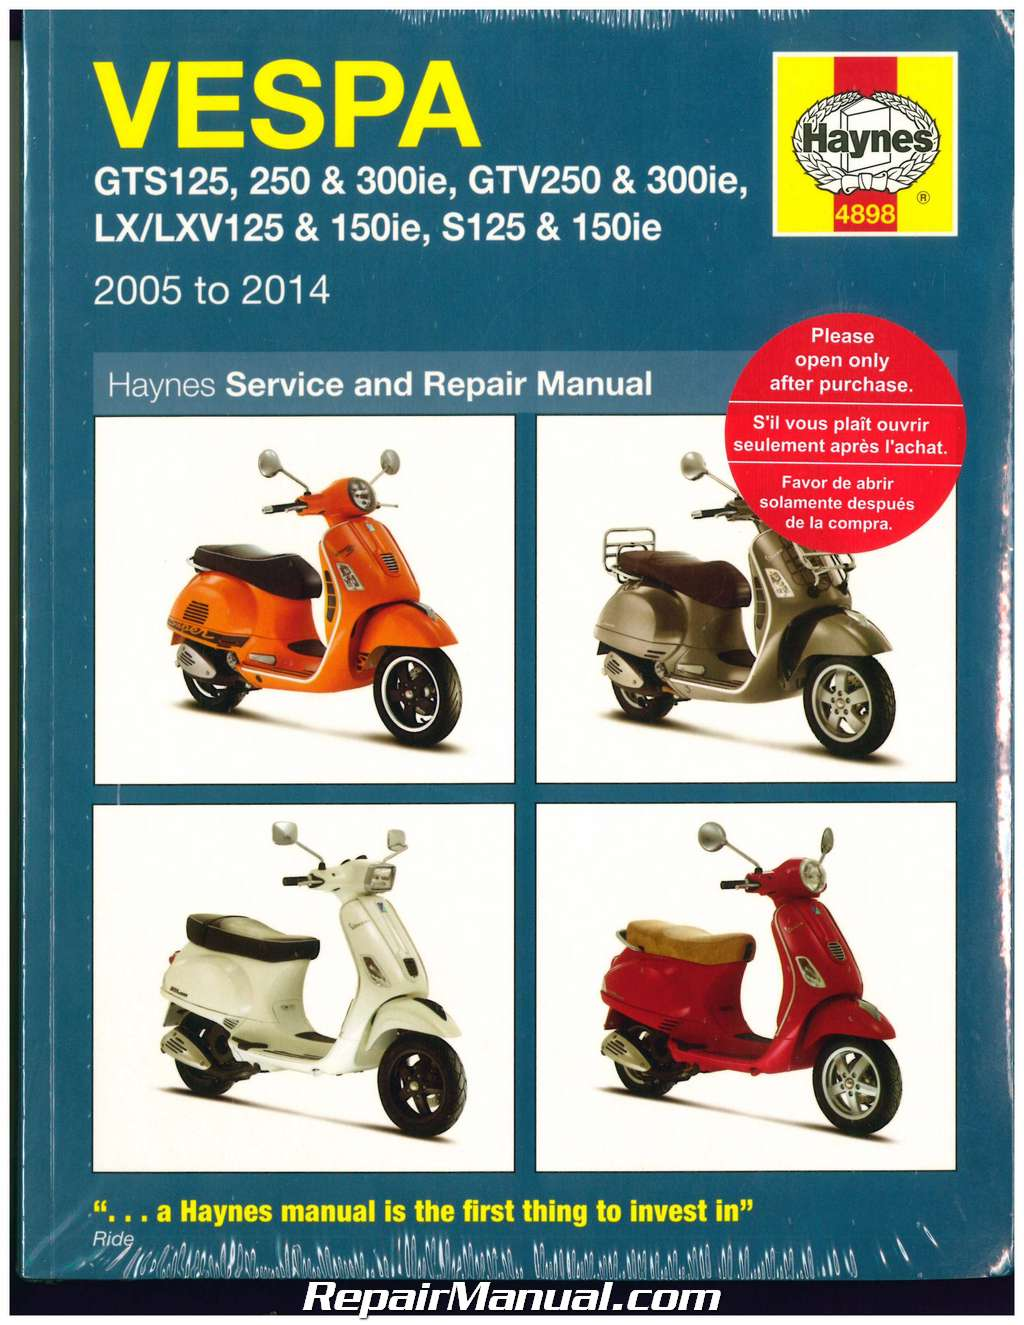 Vespa Scooters Haynes Repair Manual 2005-2014 GTS125/250/300ie GTV250/300ie  LX/LXV125/150ie S125/150ie